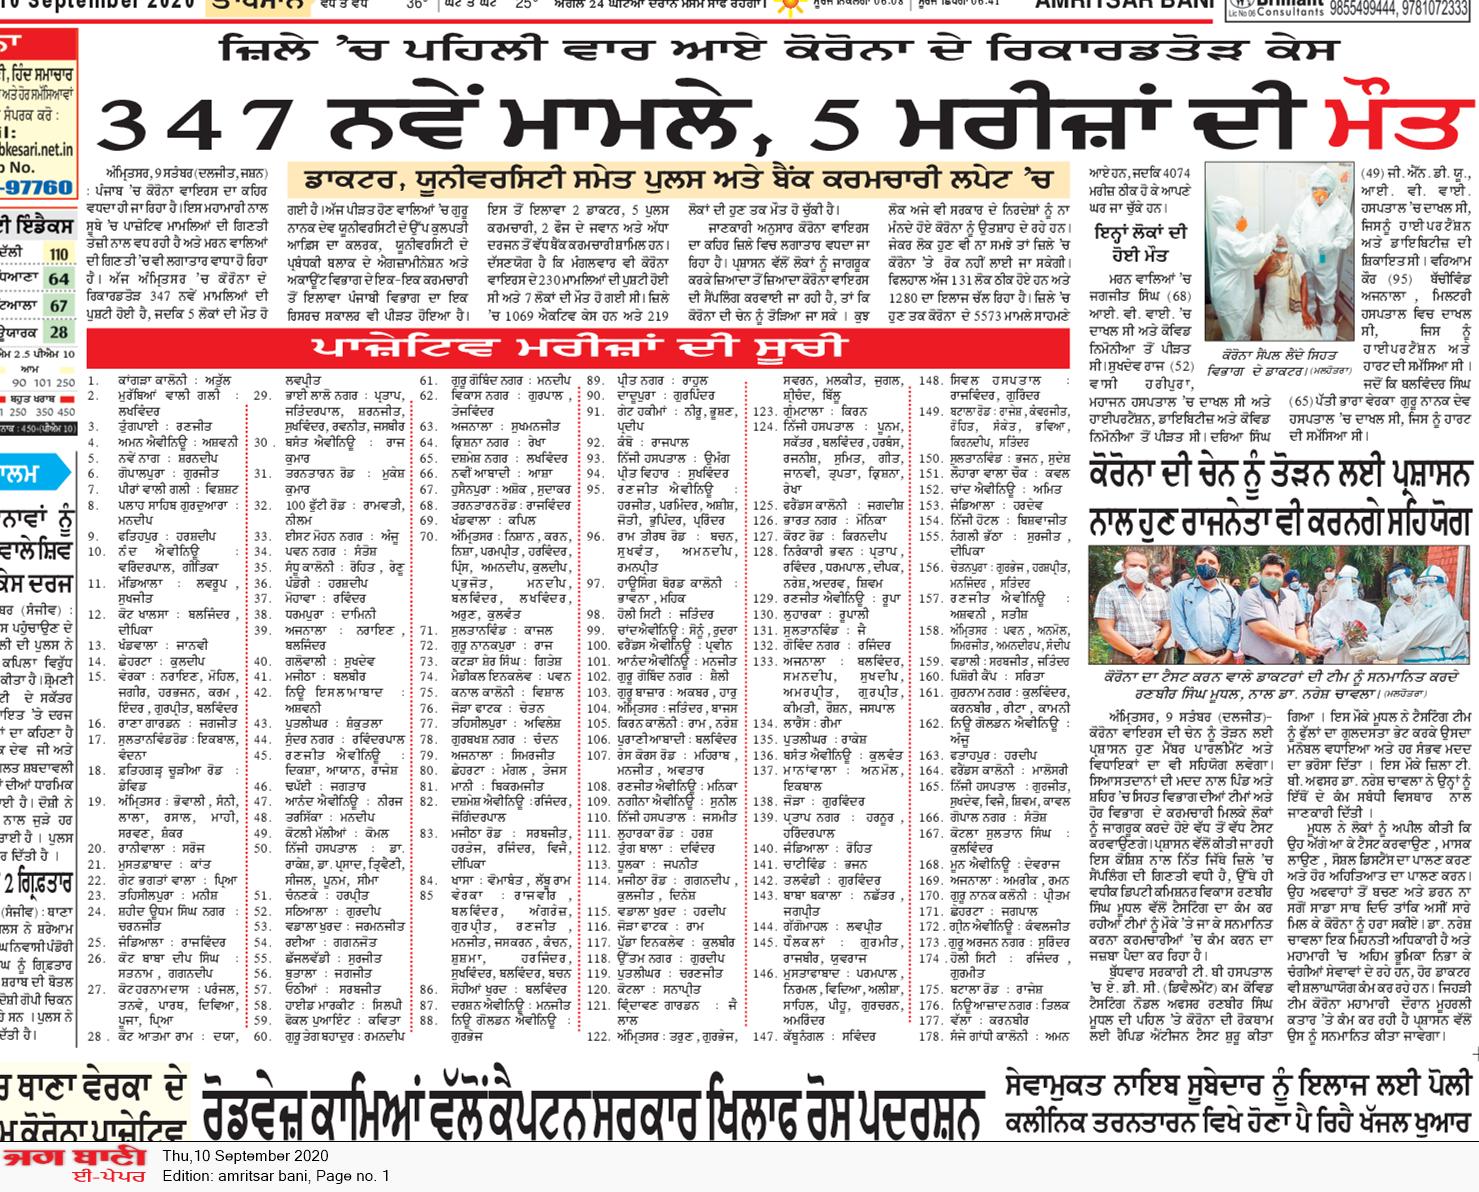 Amritsar Bani 9/10/2020 12:00:00 AM